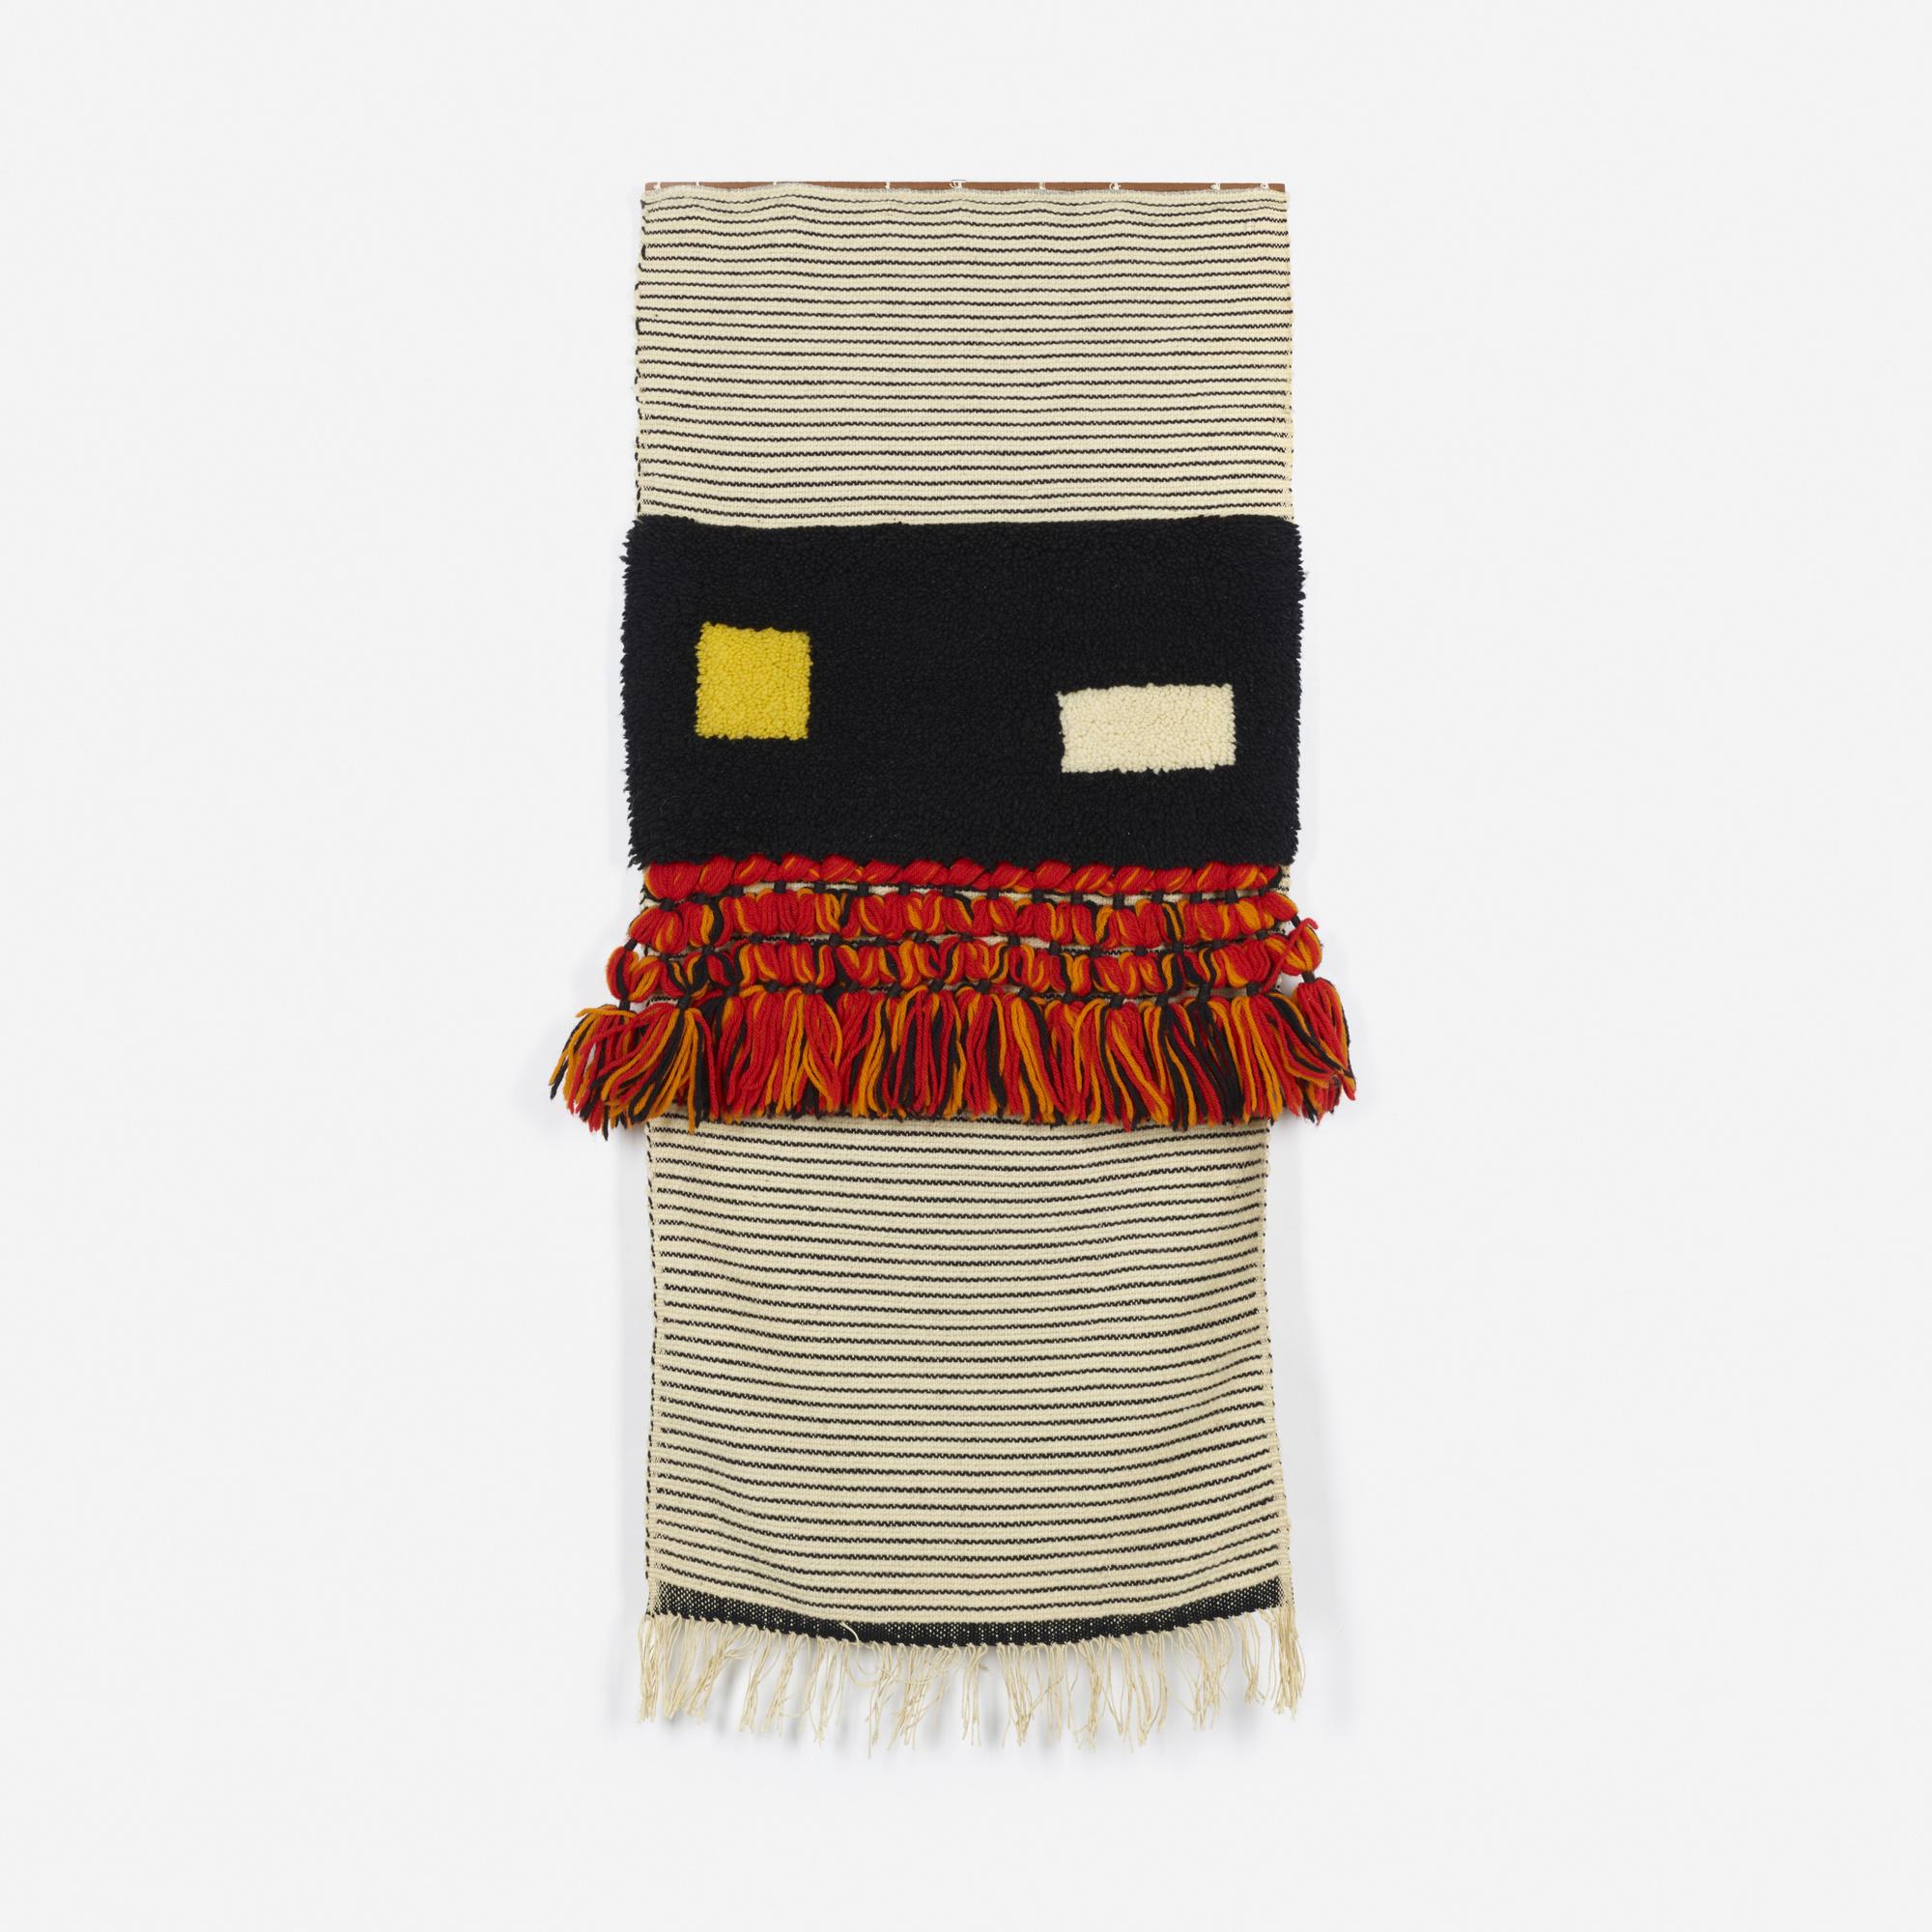 135: Angelo Testa / Daniel's Robe (1 of 1)